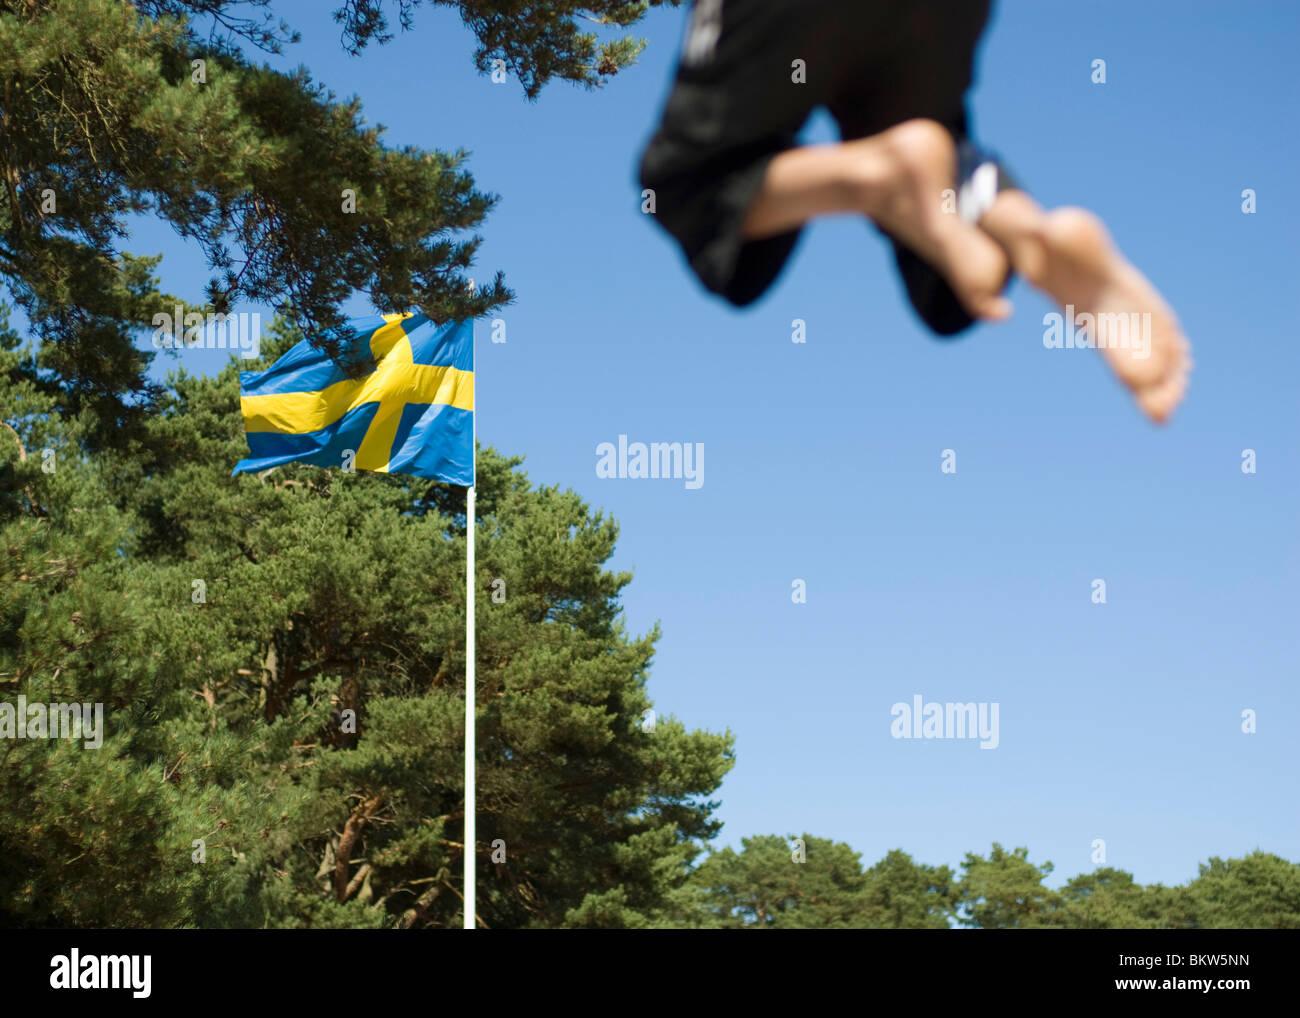 Drapeau suédois et un saut d'enfant Photo Stock